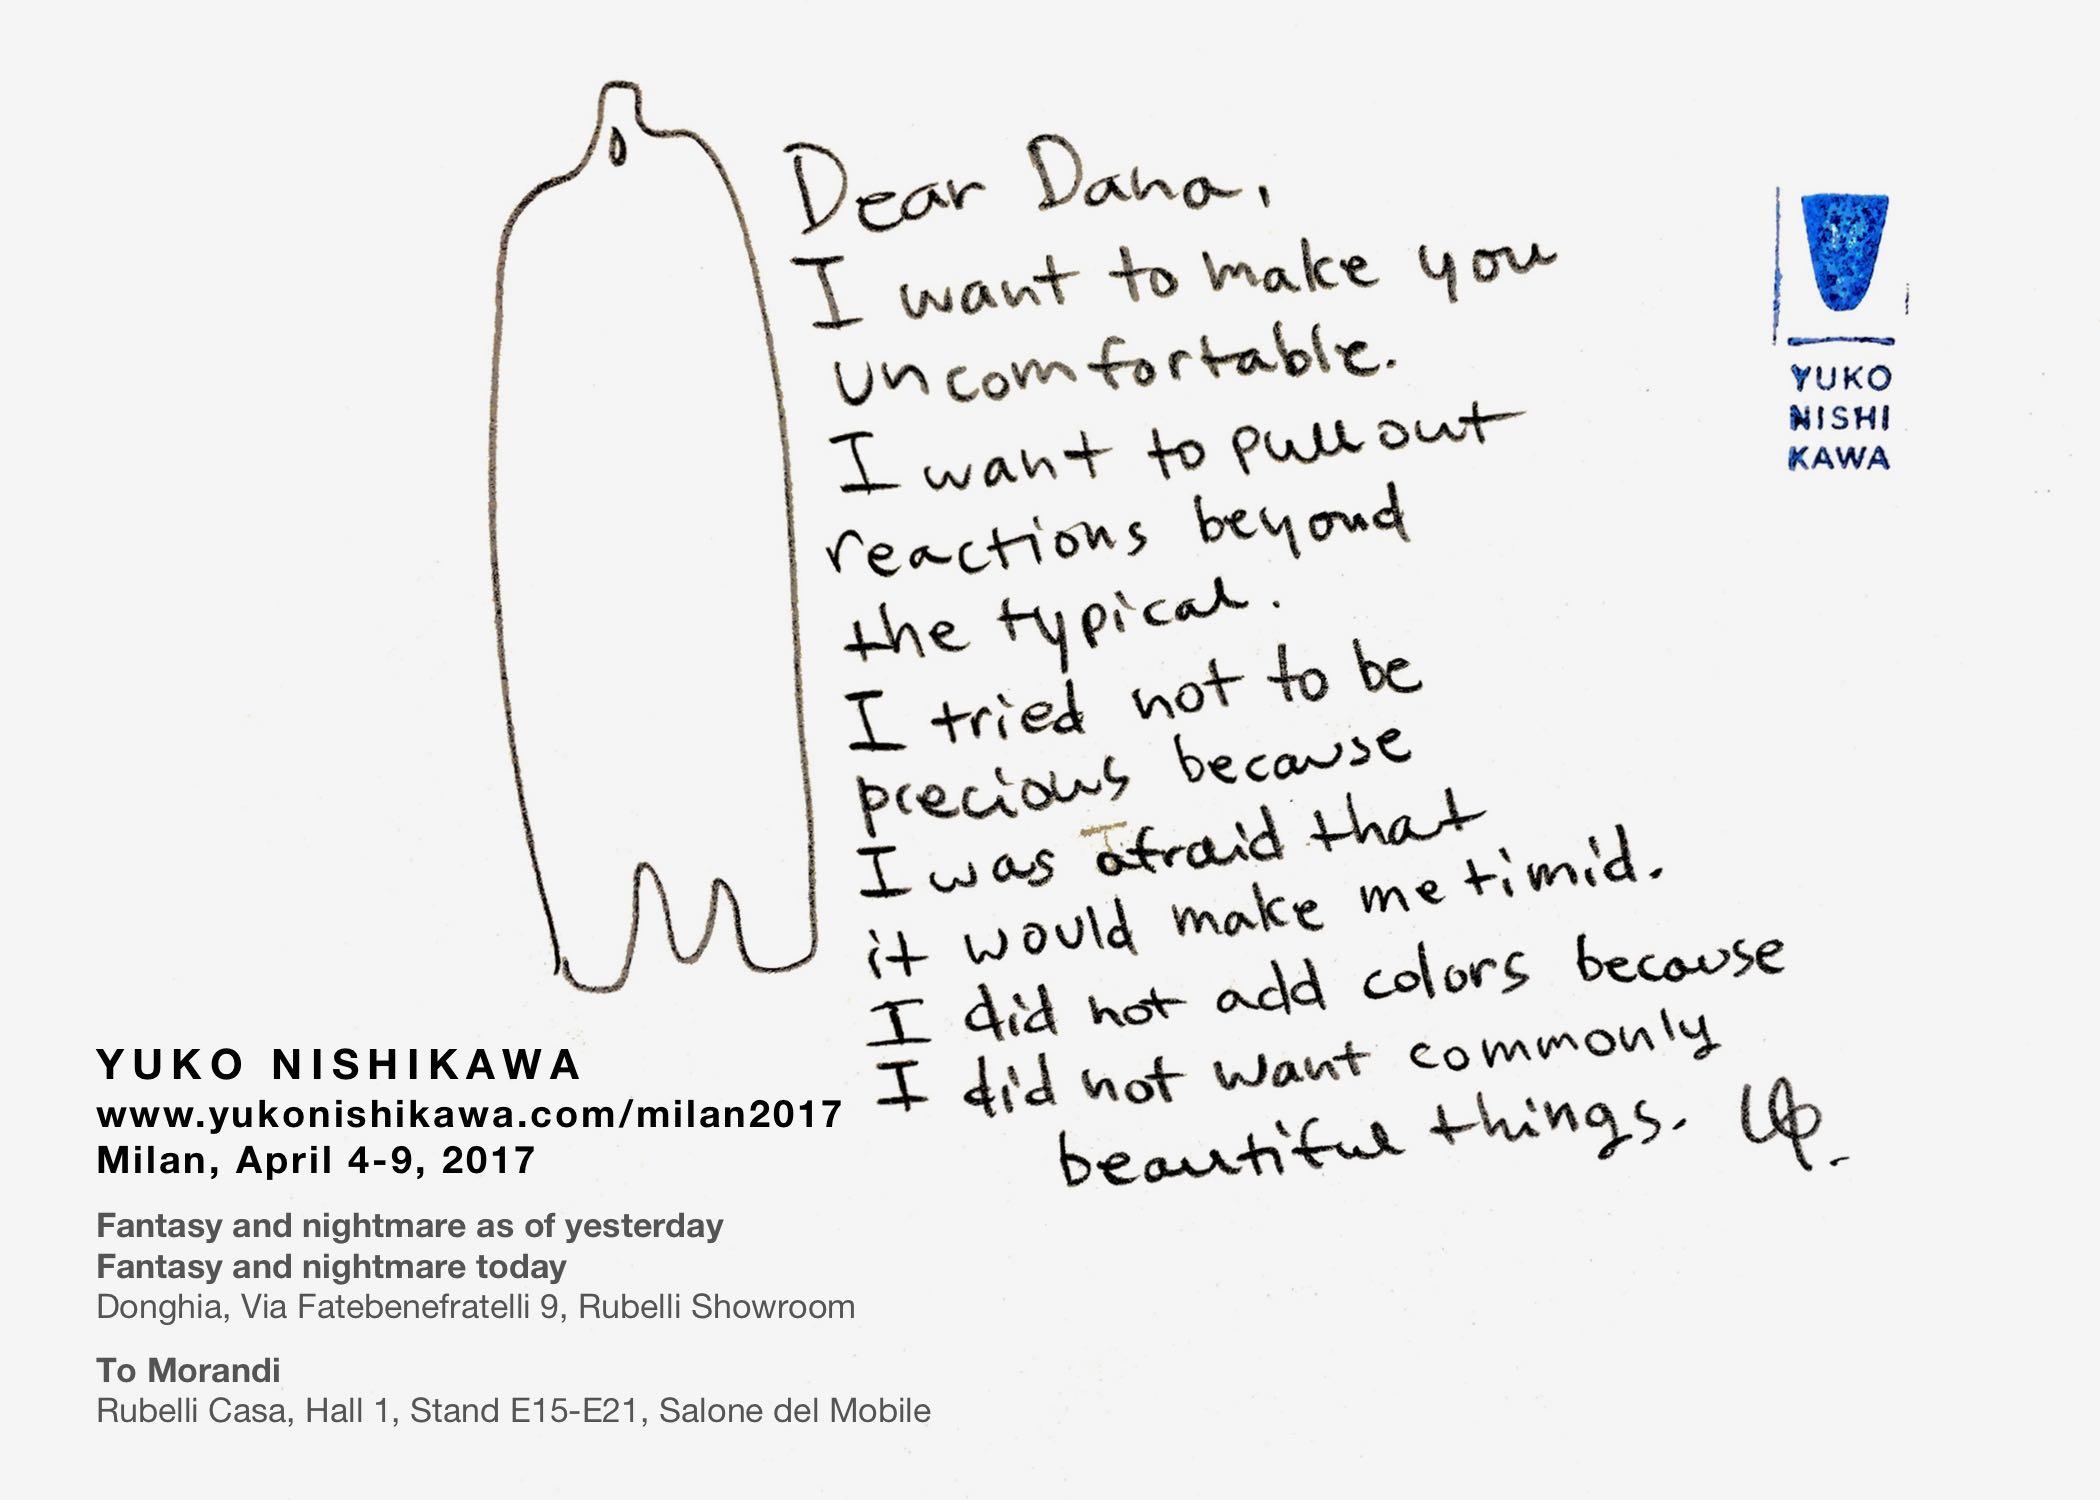 Dear Dana